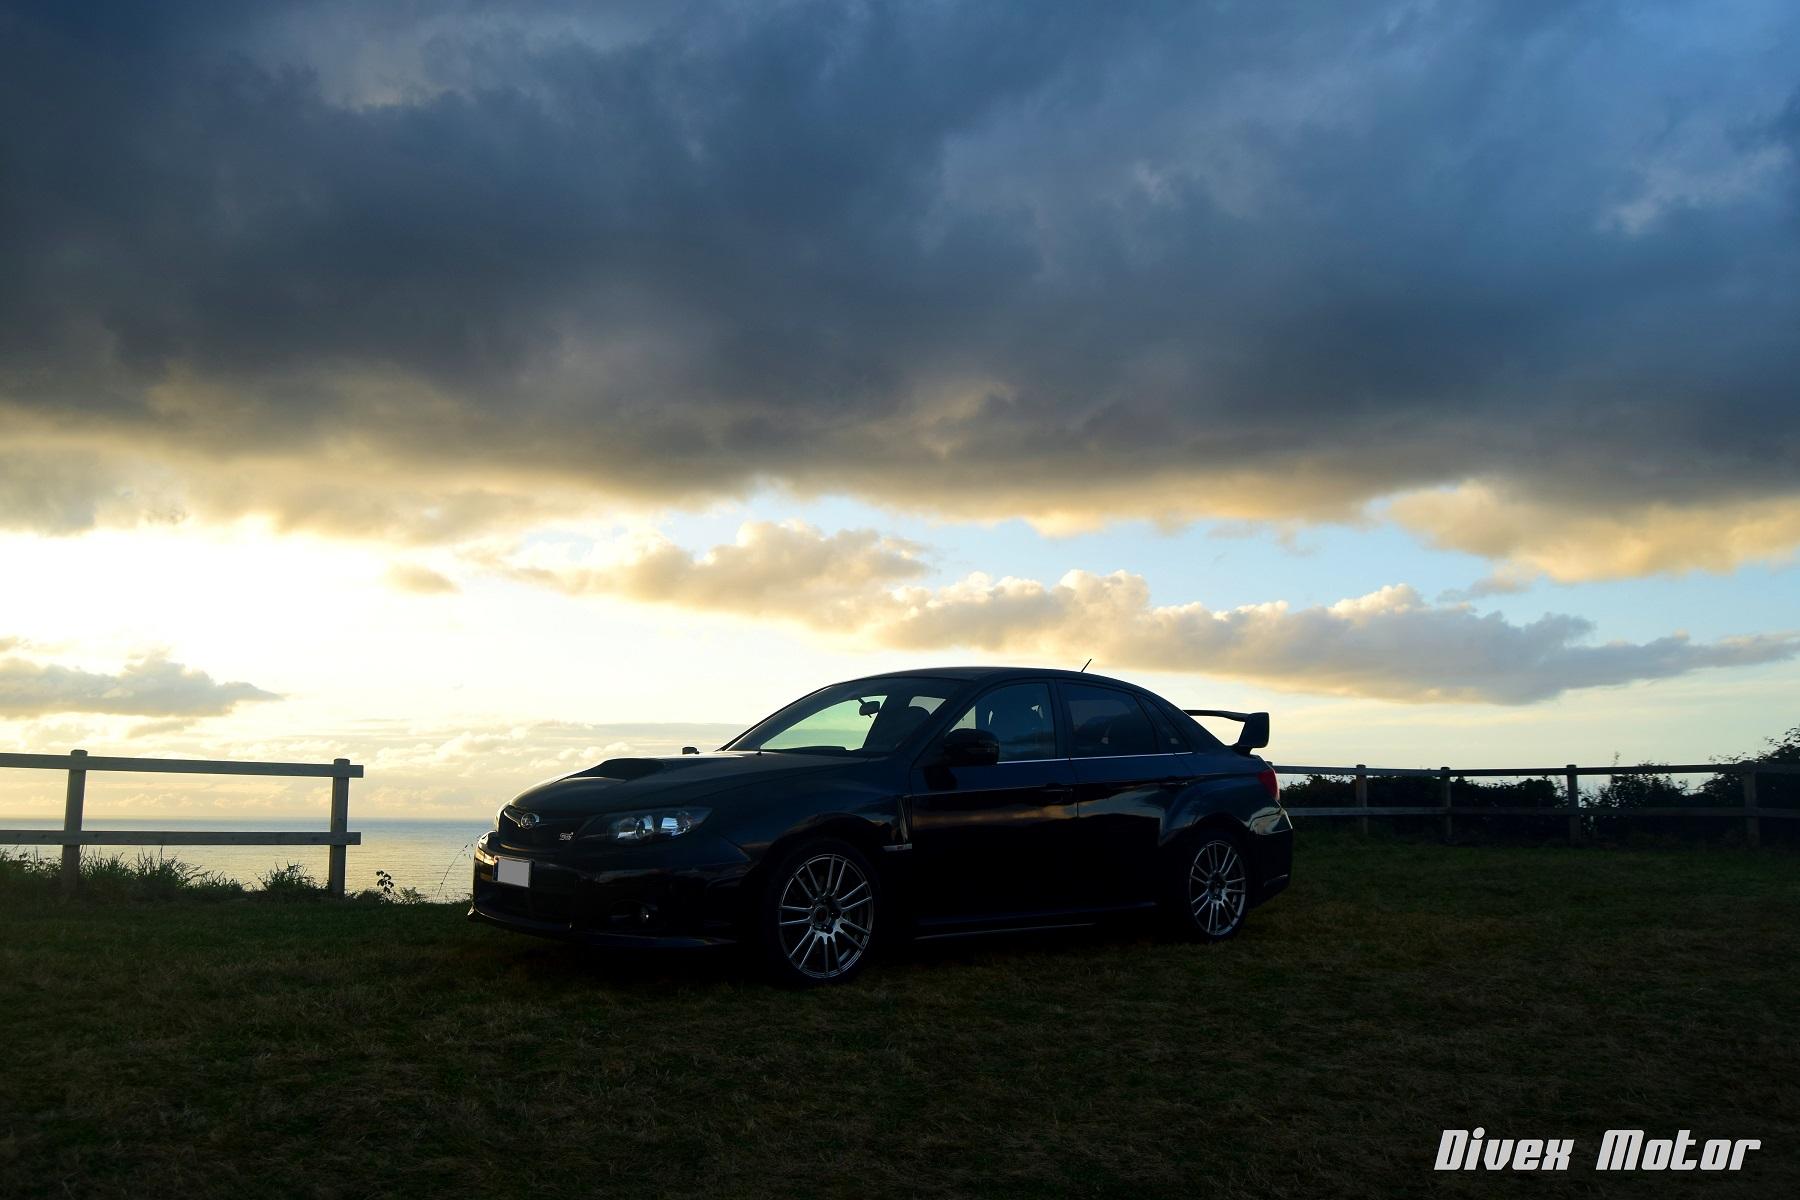 Subaru WRX STI 2011, galería fotográfica exclusiva